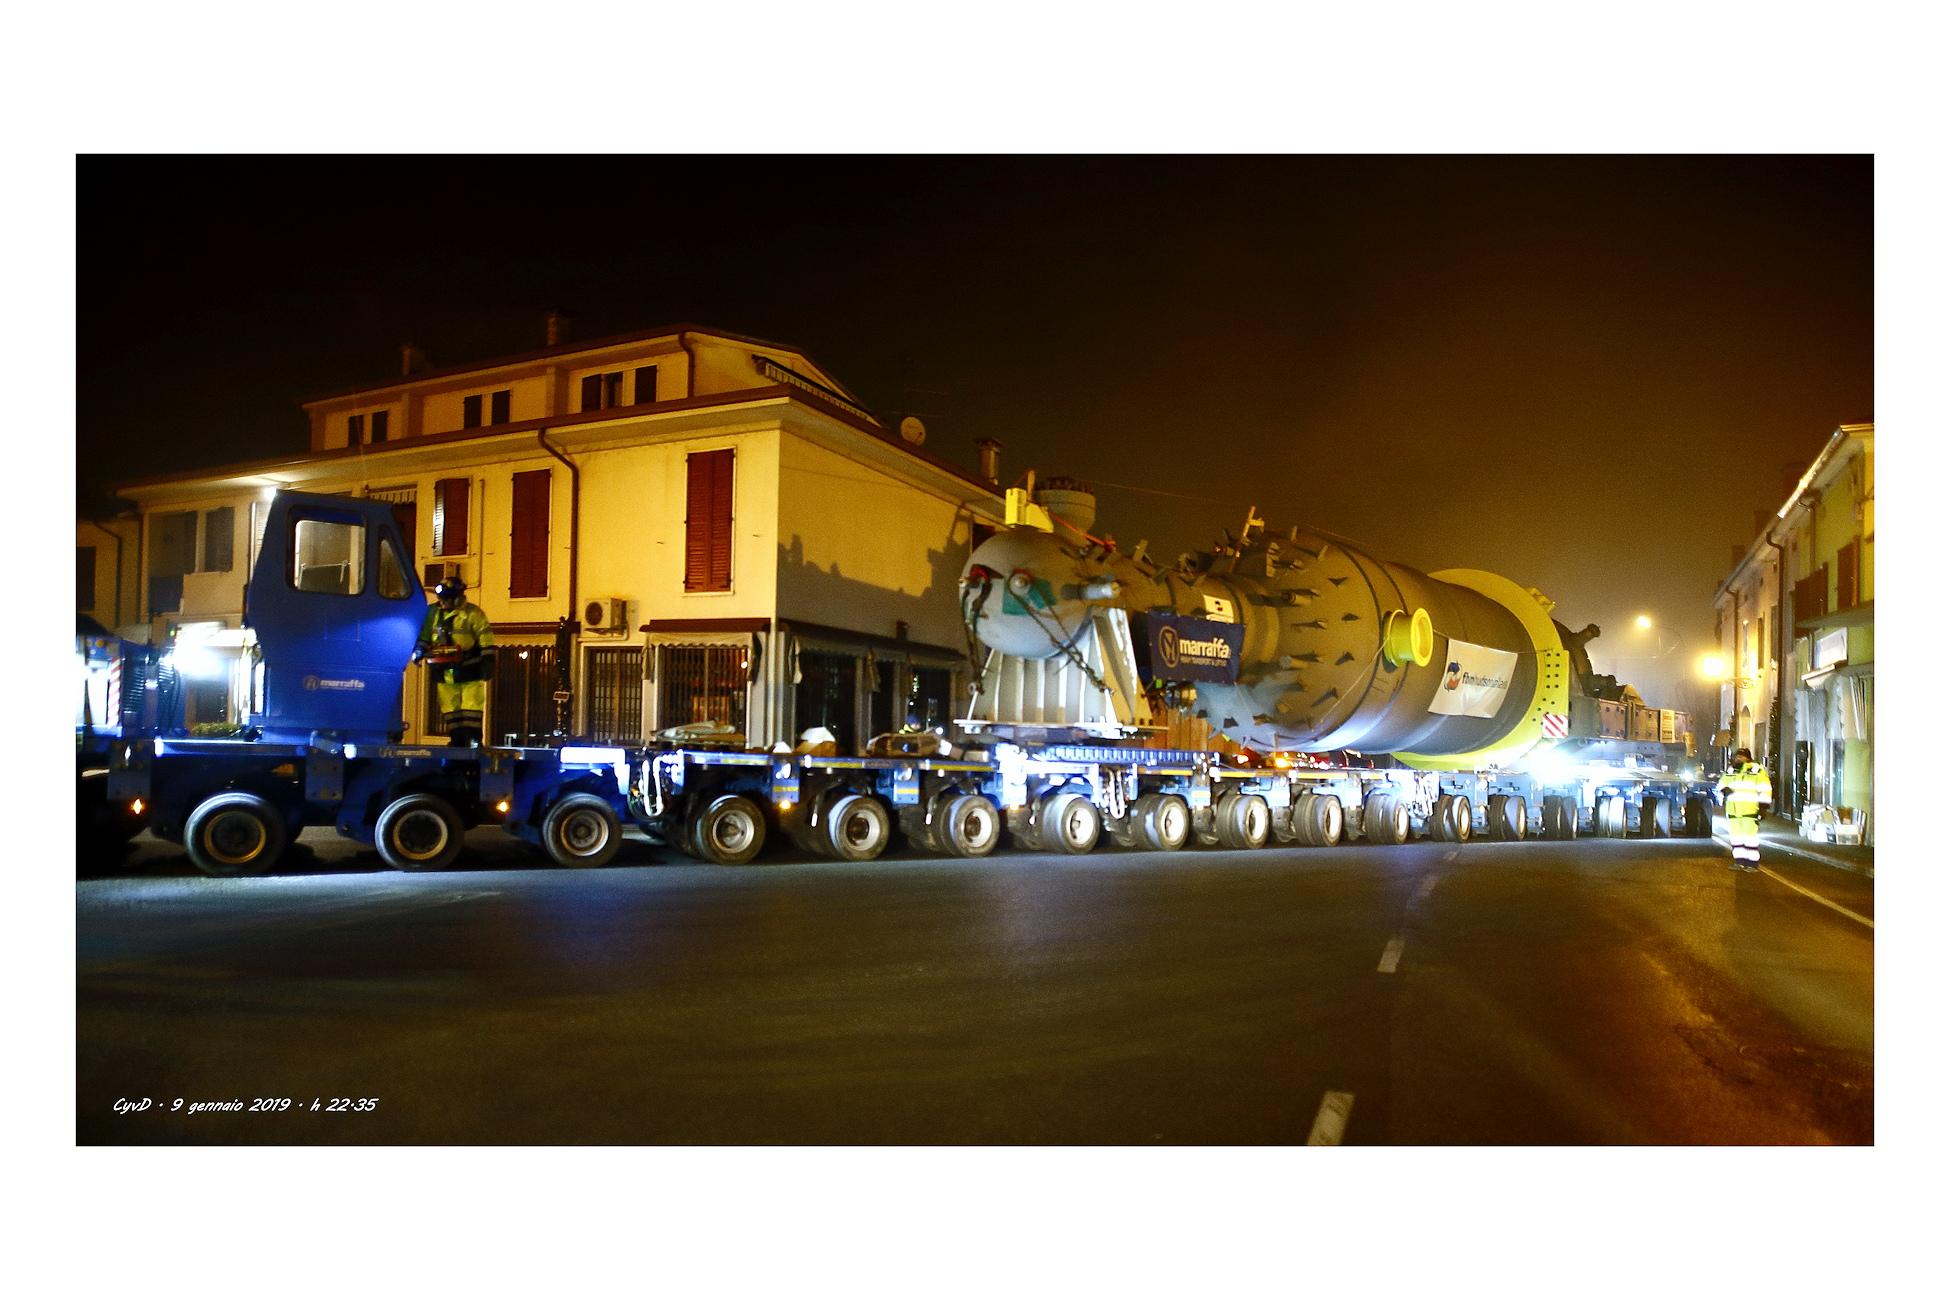 Maxi trasporto ecc. in transito a Gazoldo.Ippoliti MN...